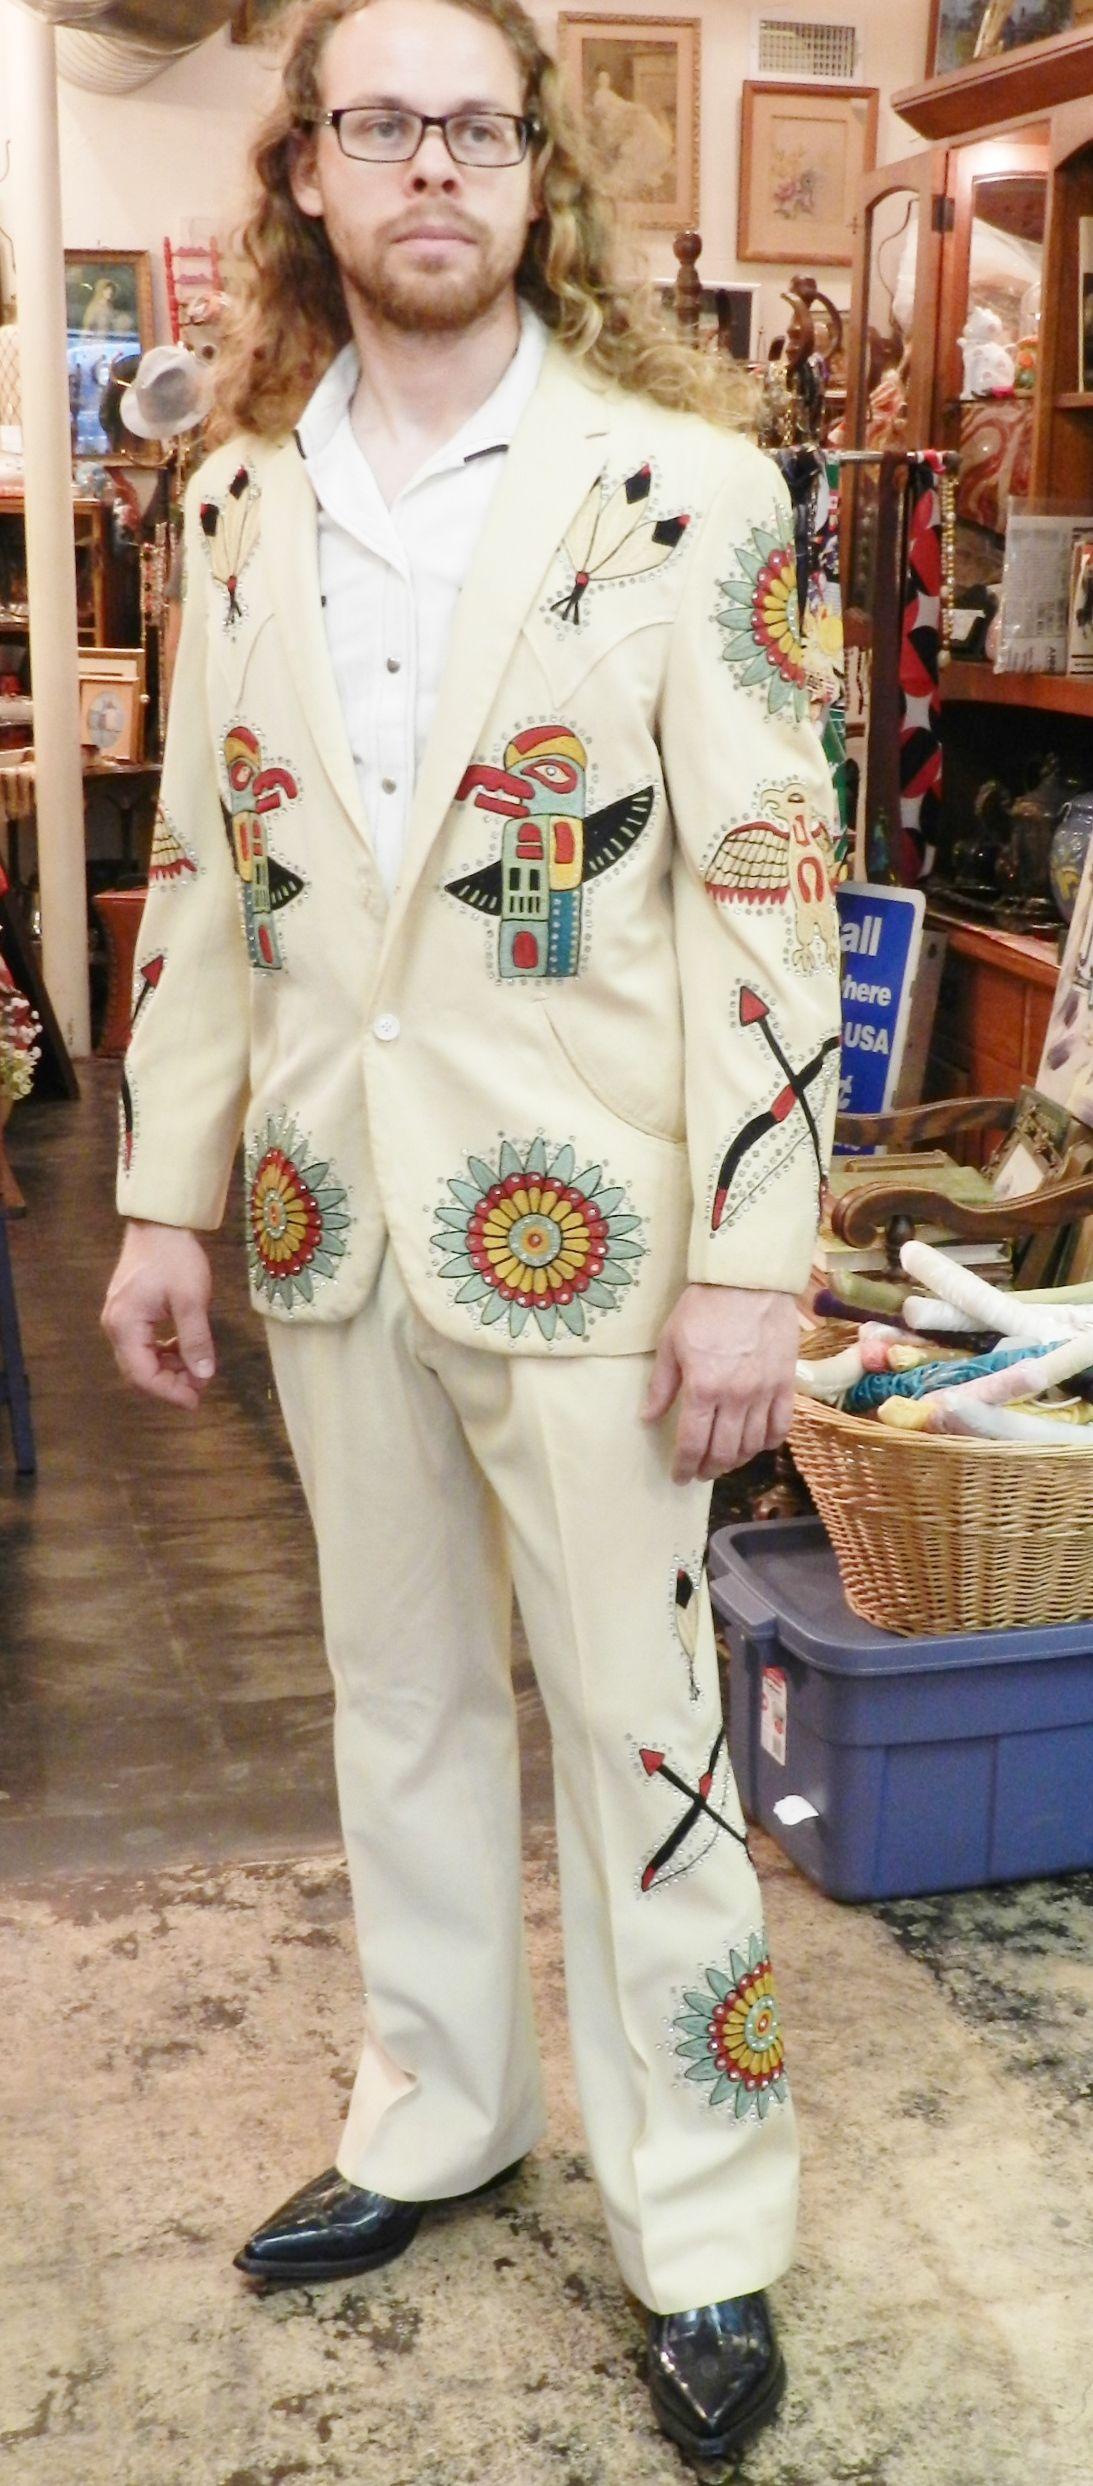 Nudie Suit For Sale At Wwwjunkervalcom Nudie Cohn